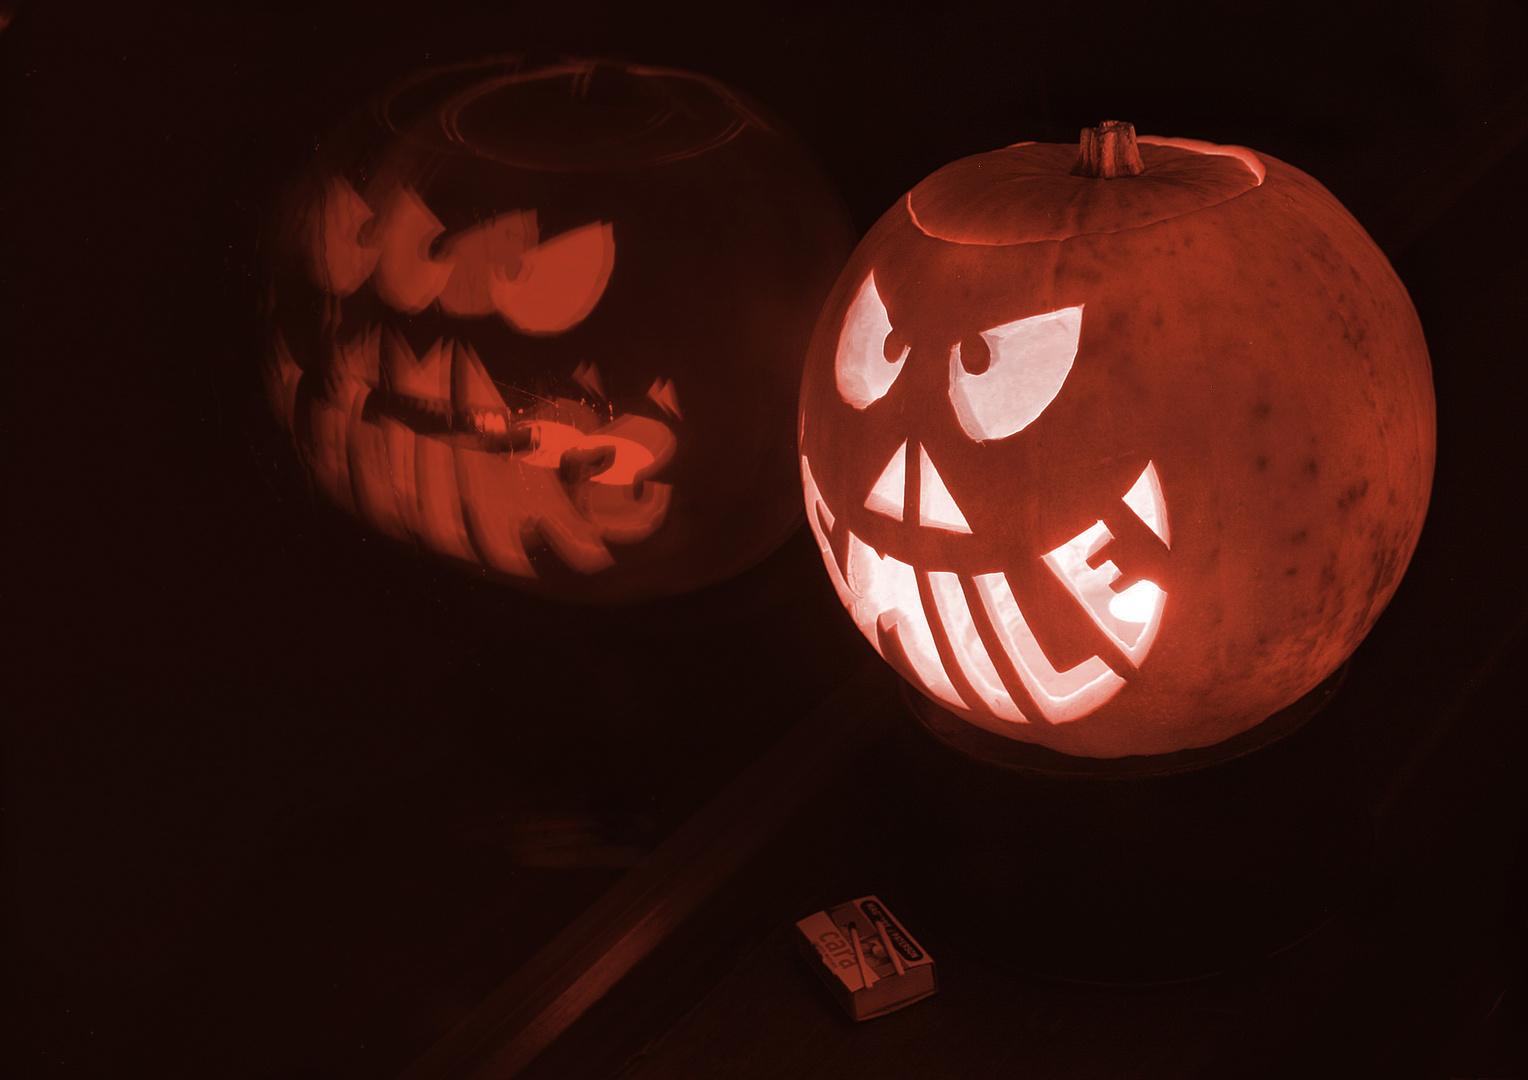 Smile it's Halloween